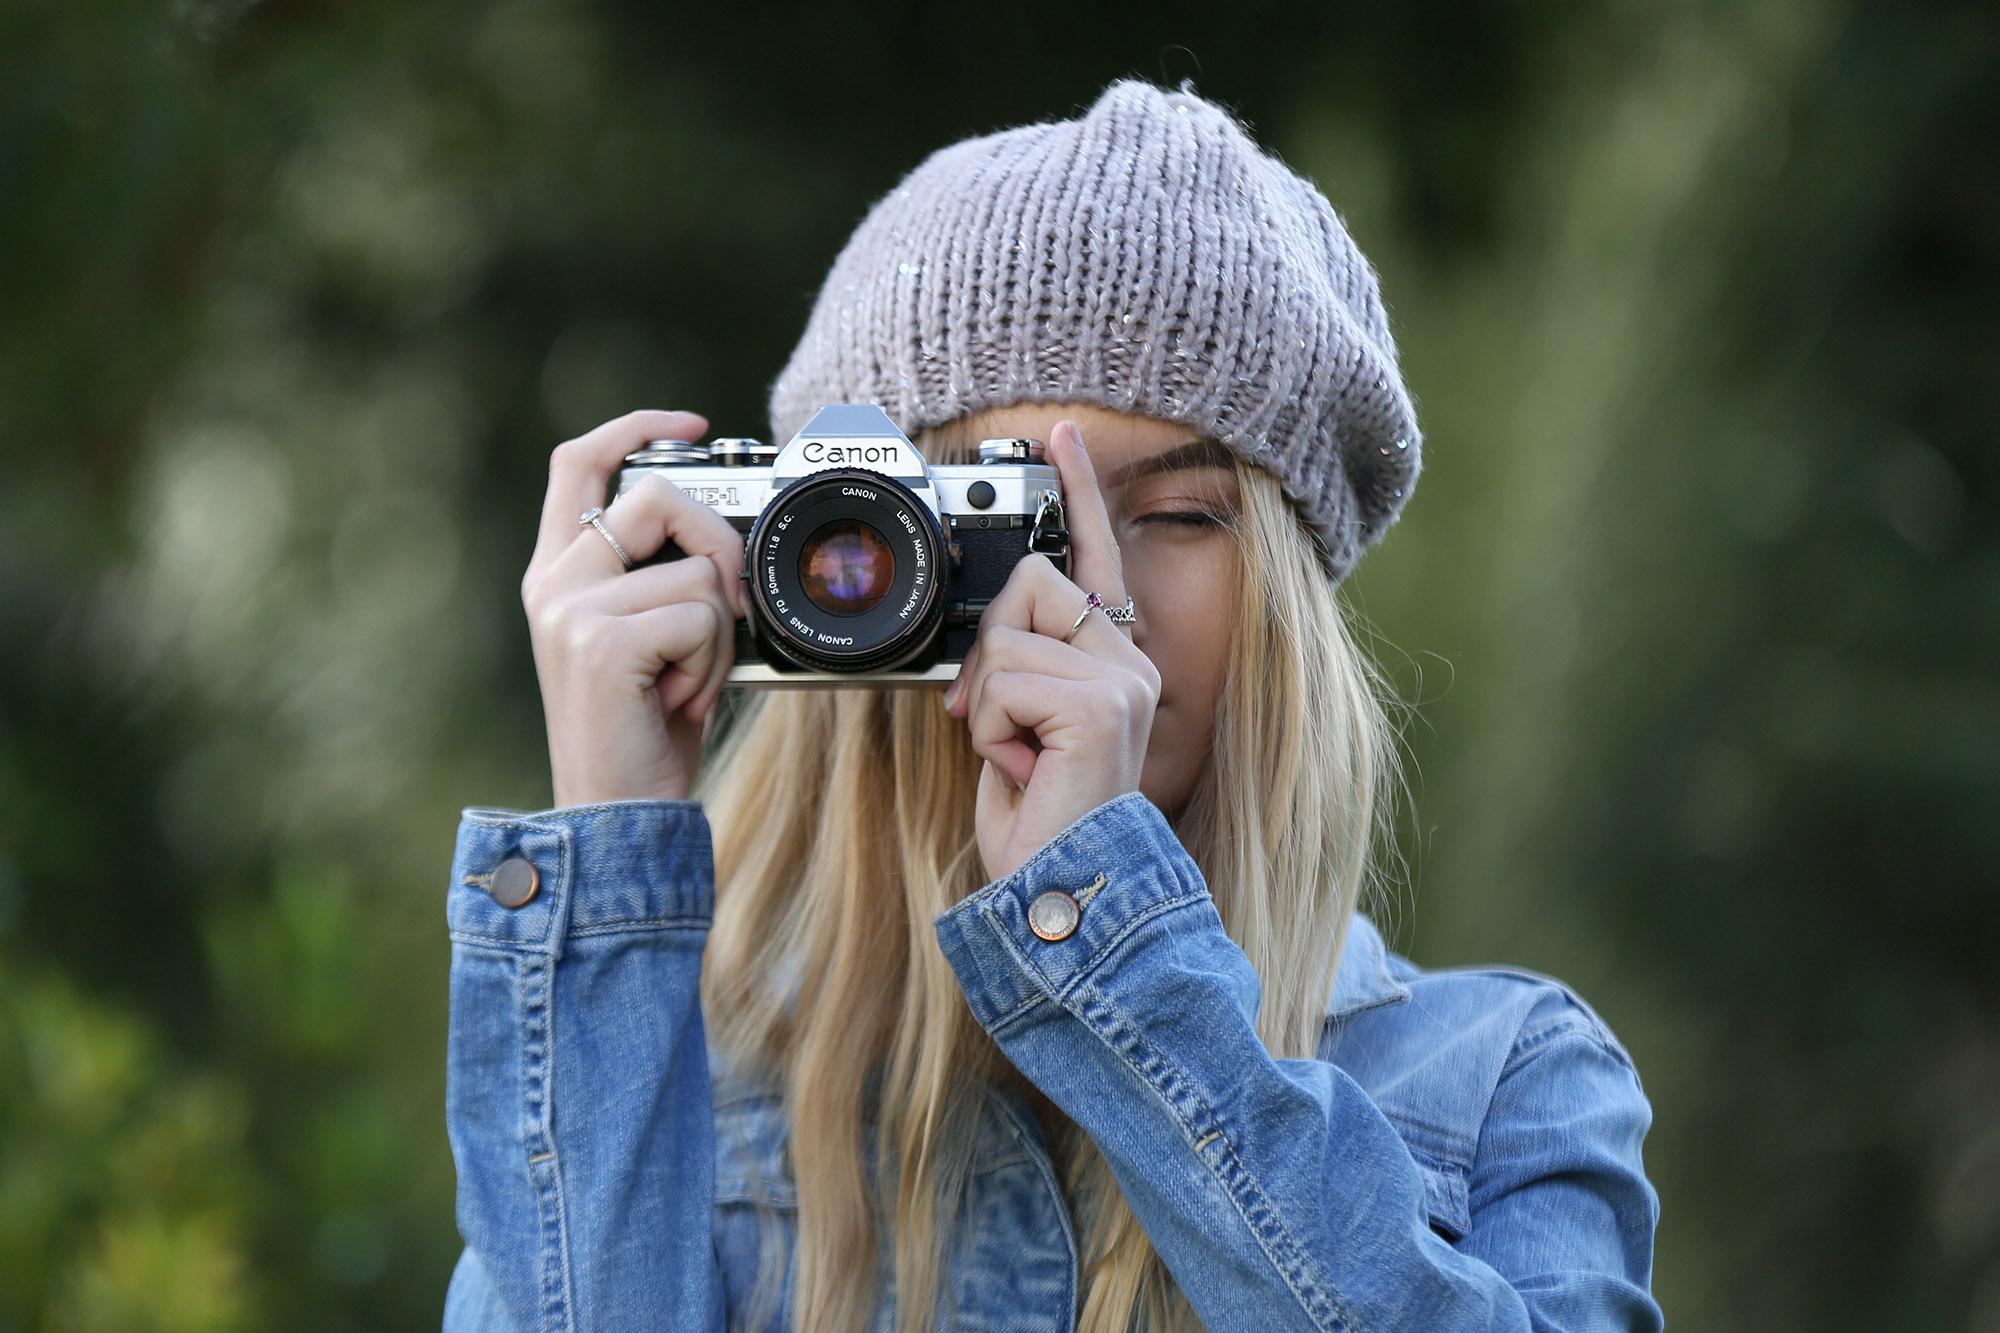 Lottie Portrait with Canon Camera